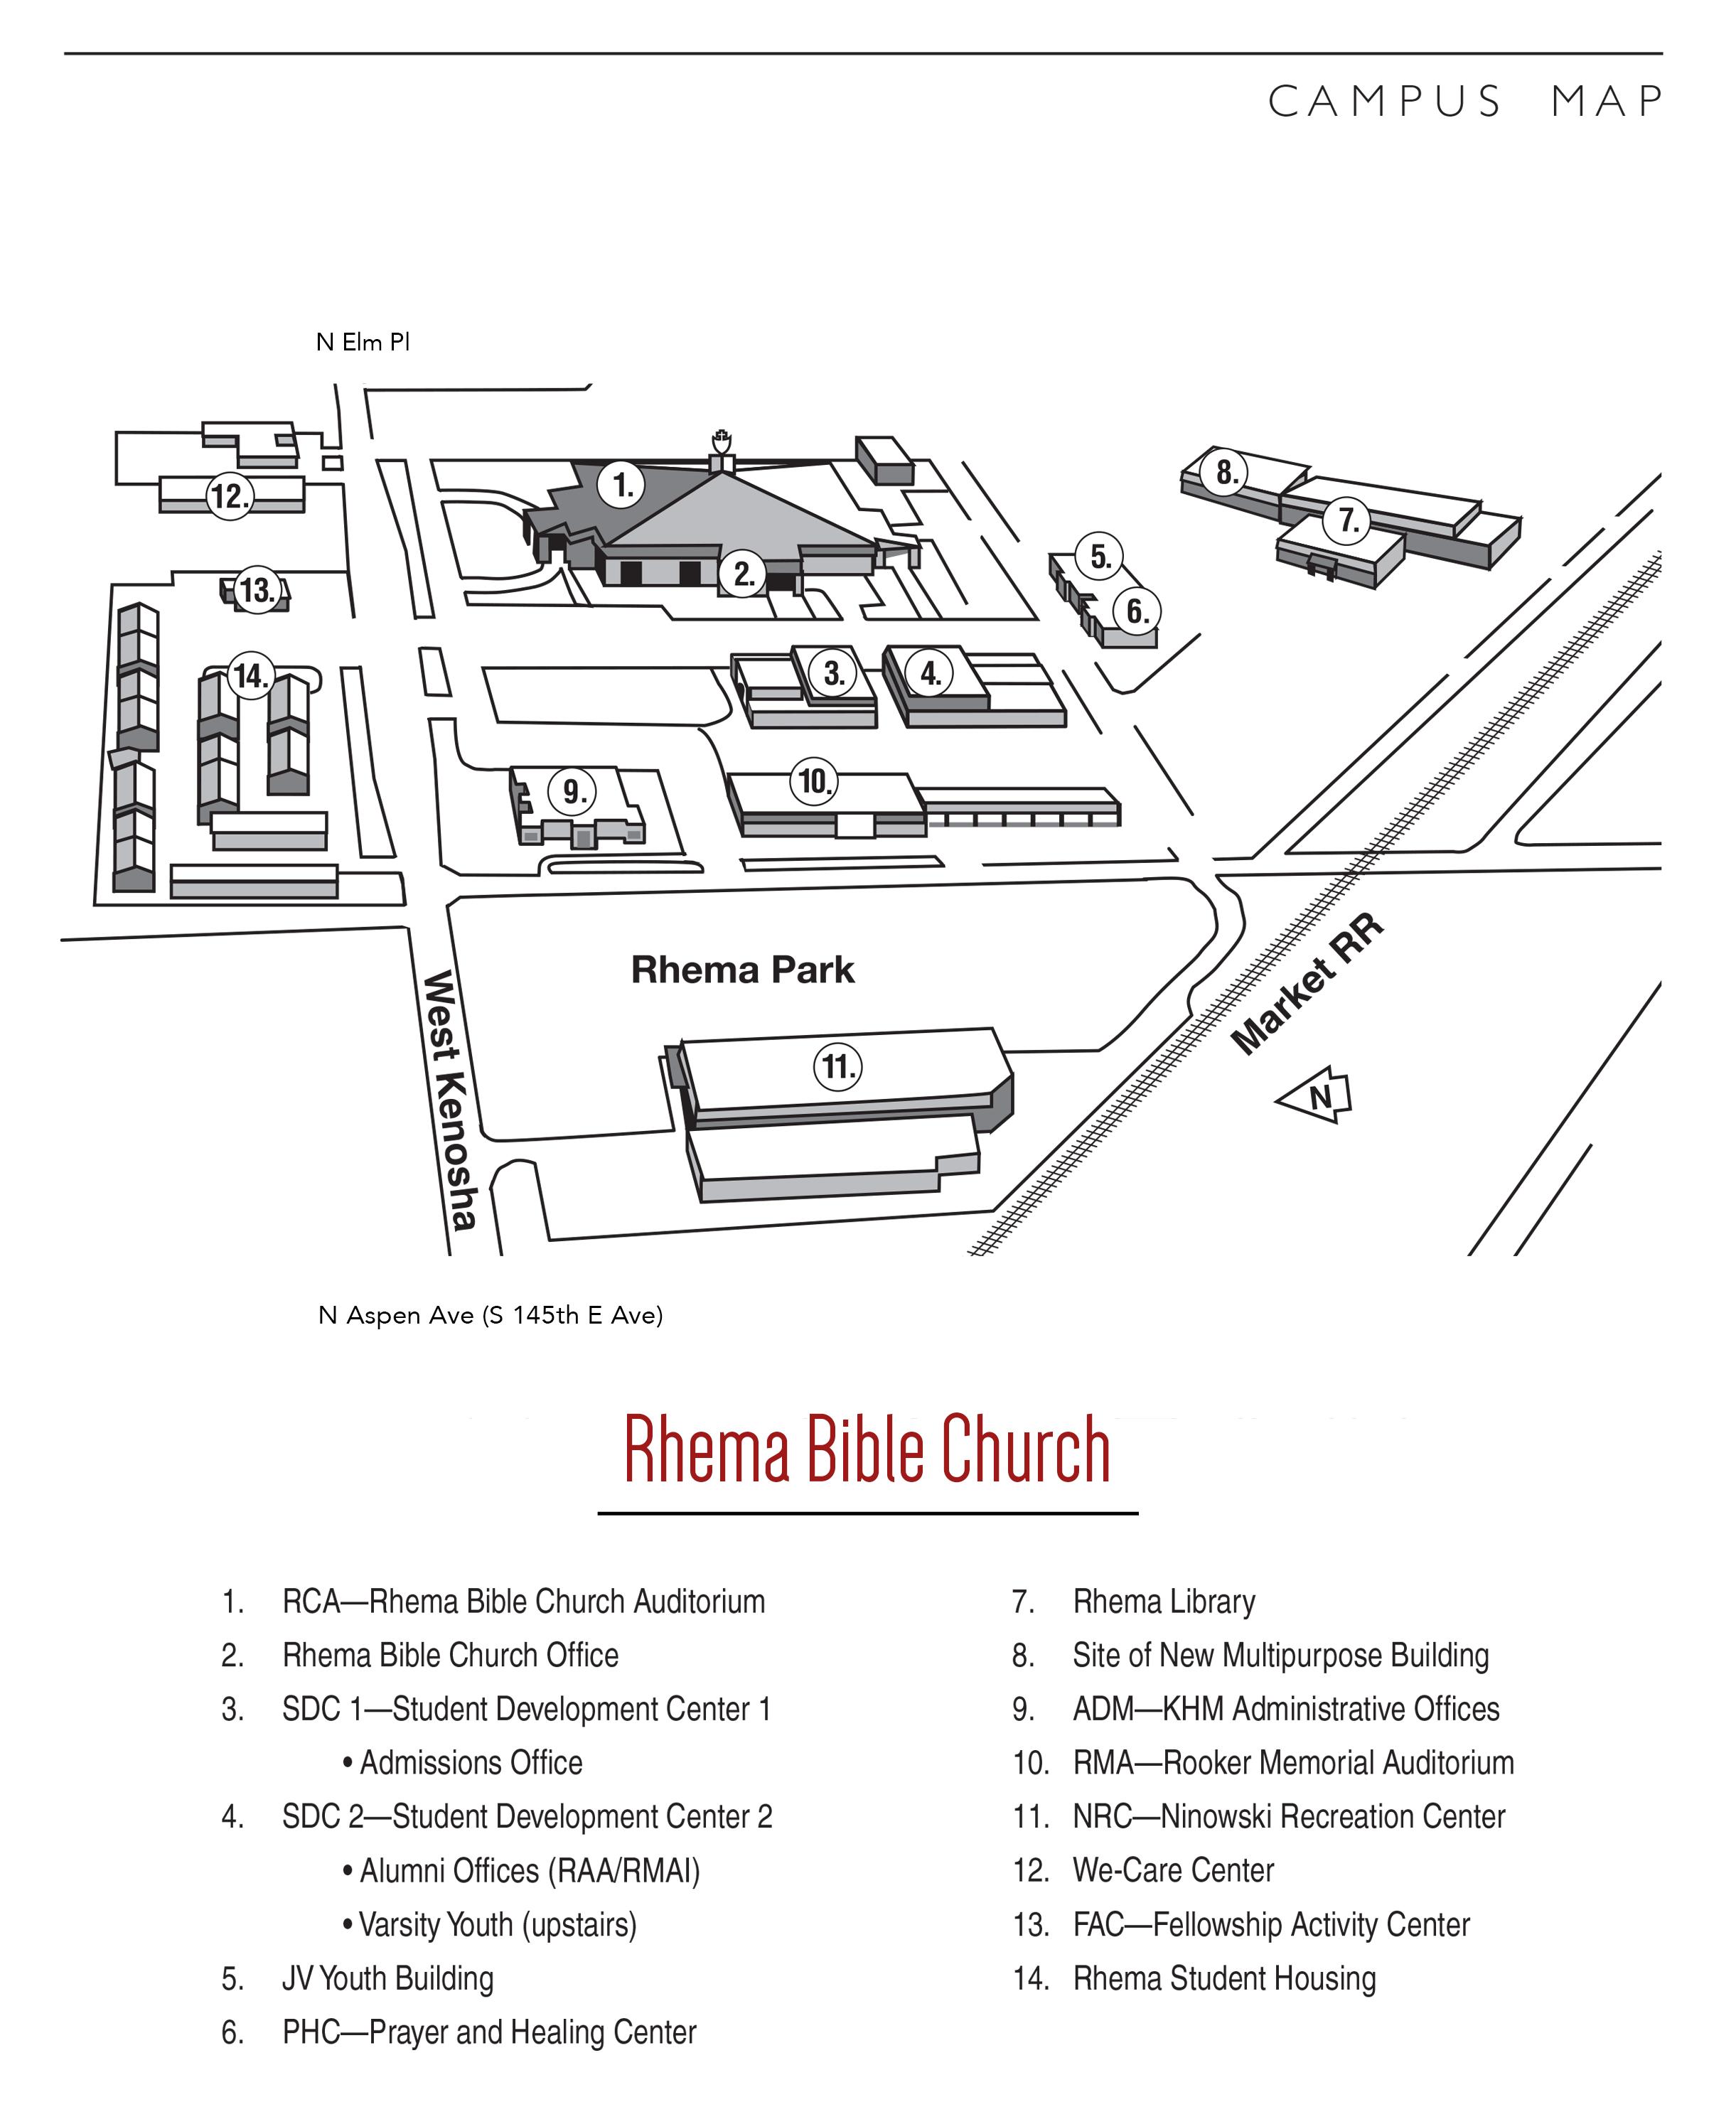 I'm New - Rhema Bible Church